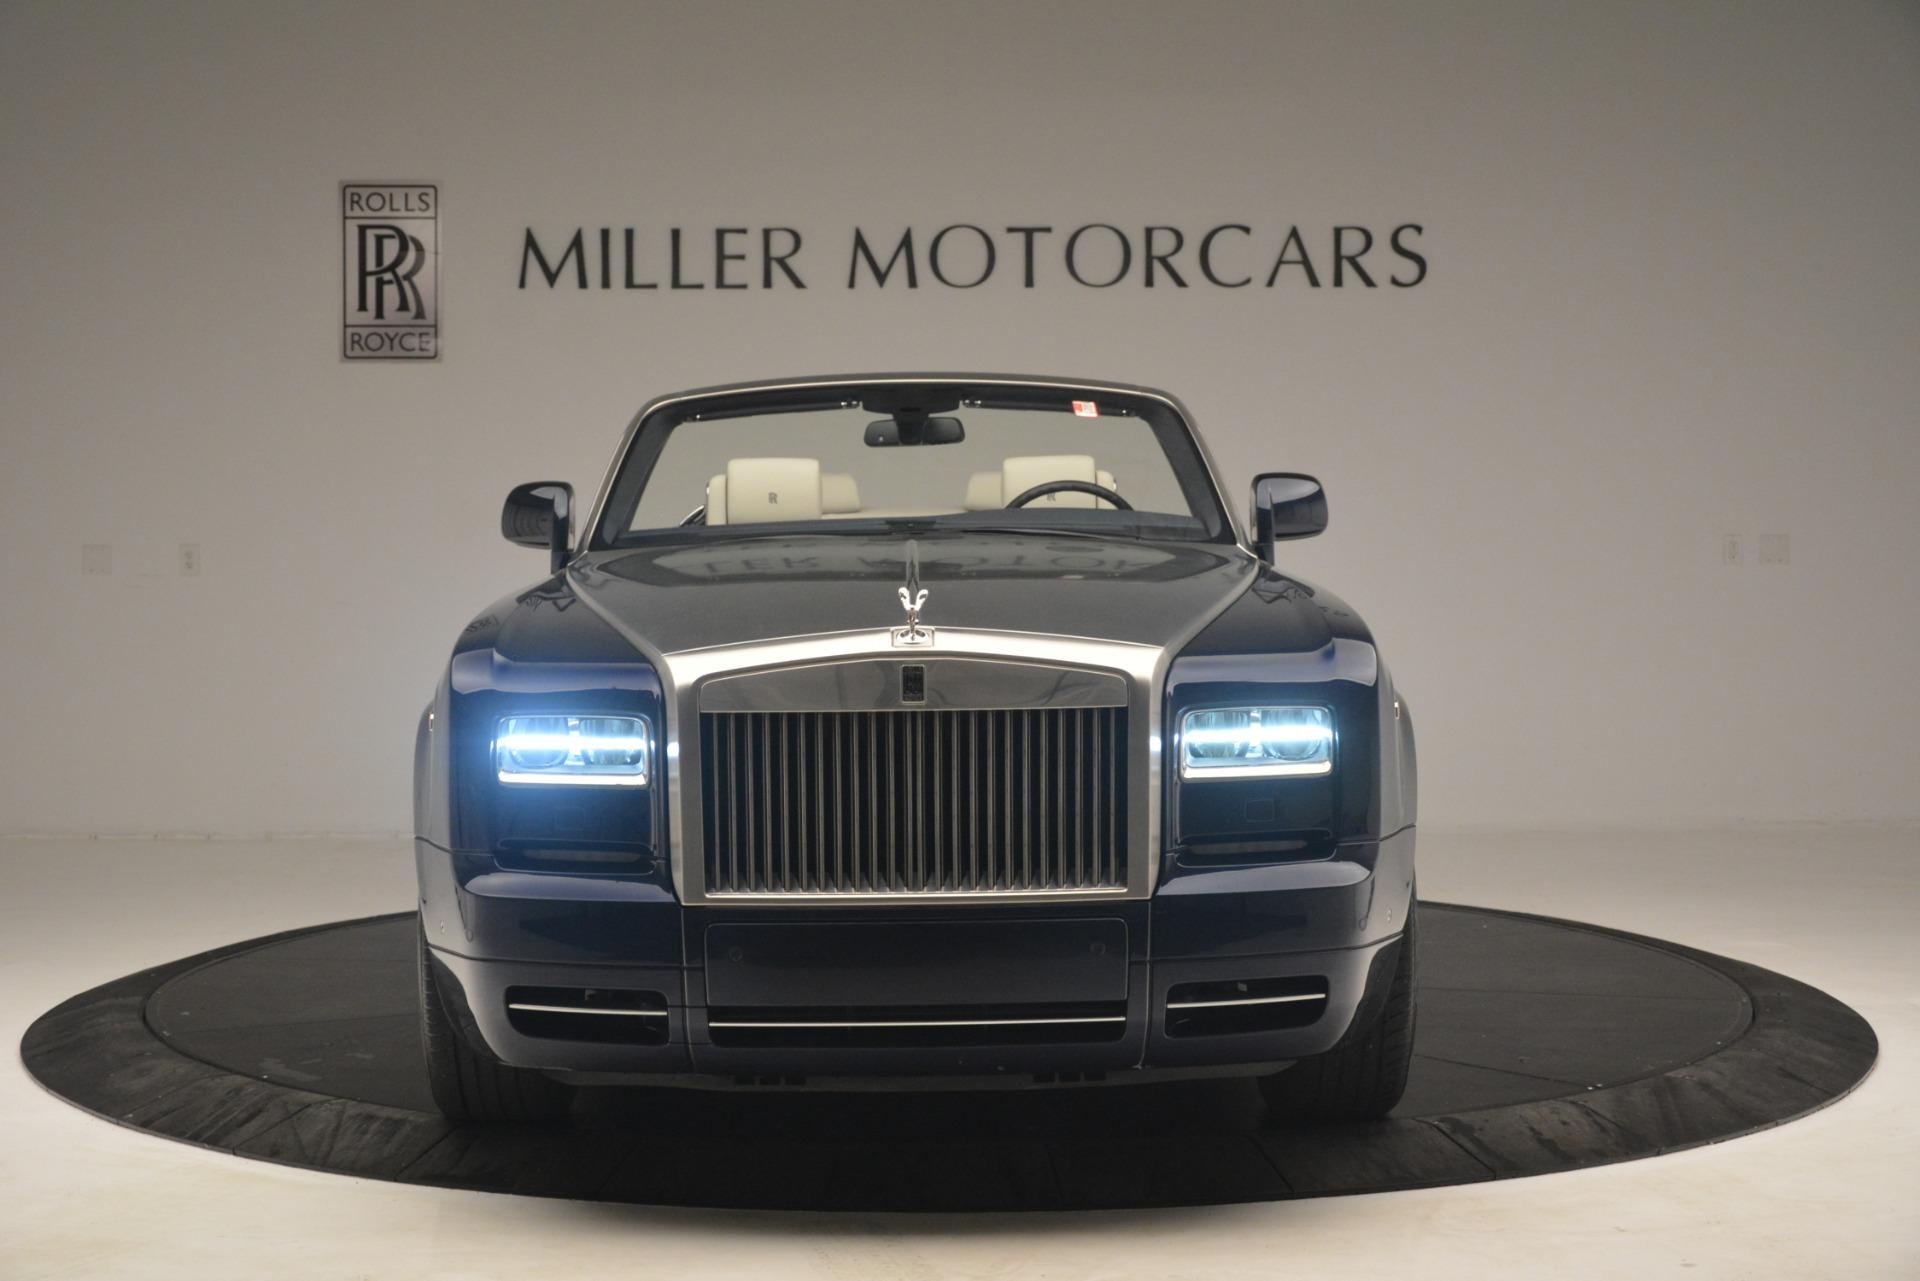 Used 2013 Rolls-Royce Phantom Drophead Coupe  For Sale In Westport, CT 2999_p2